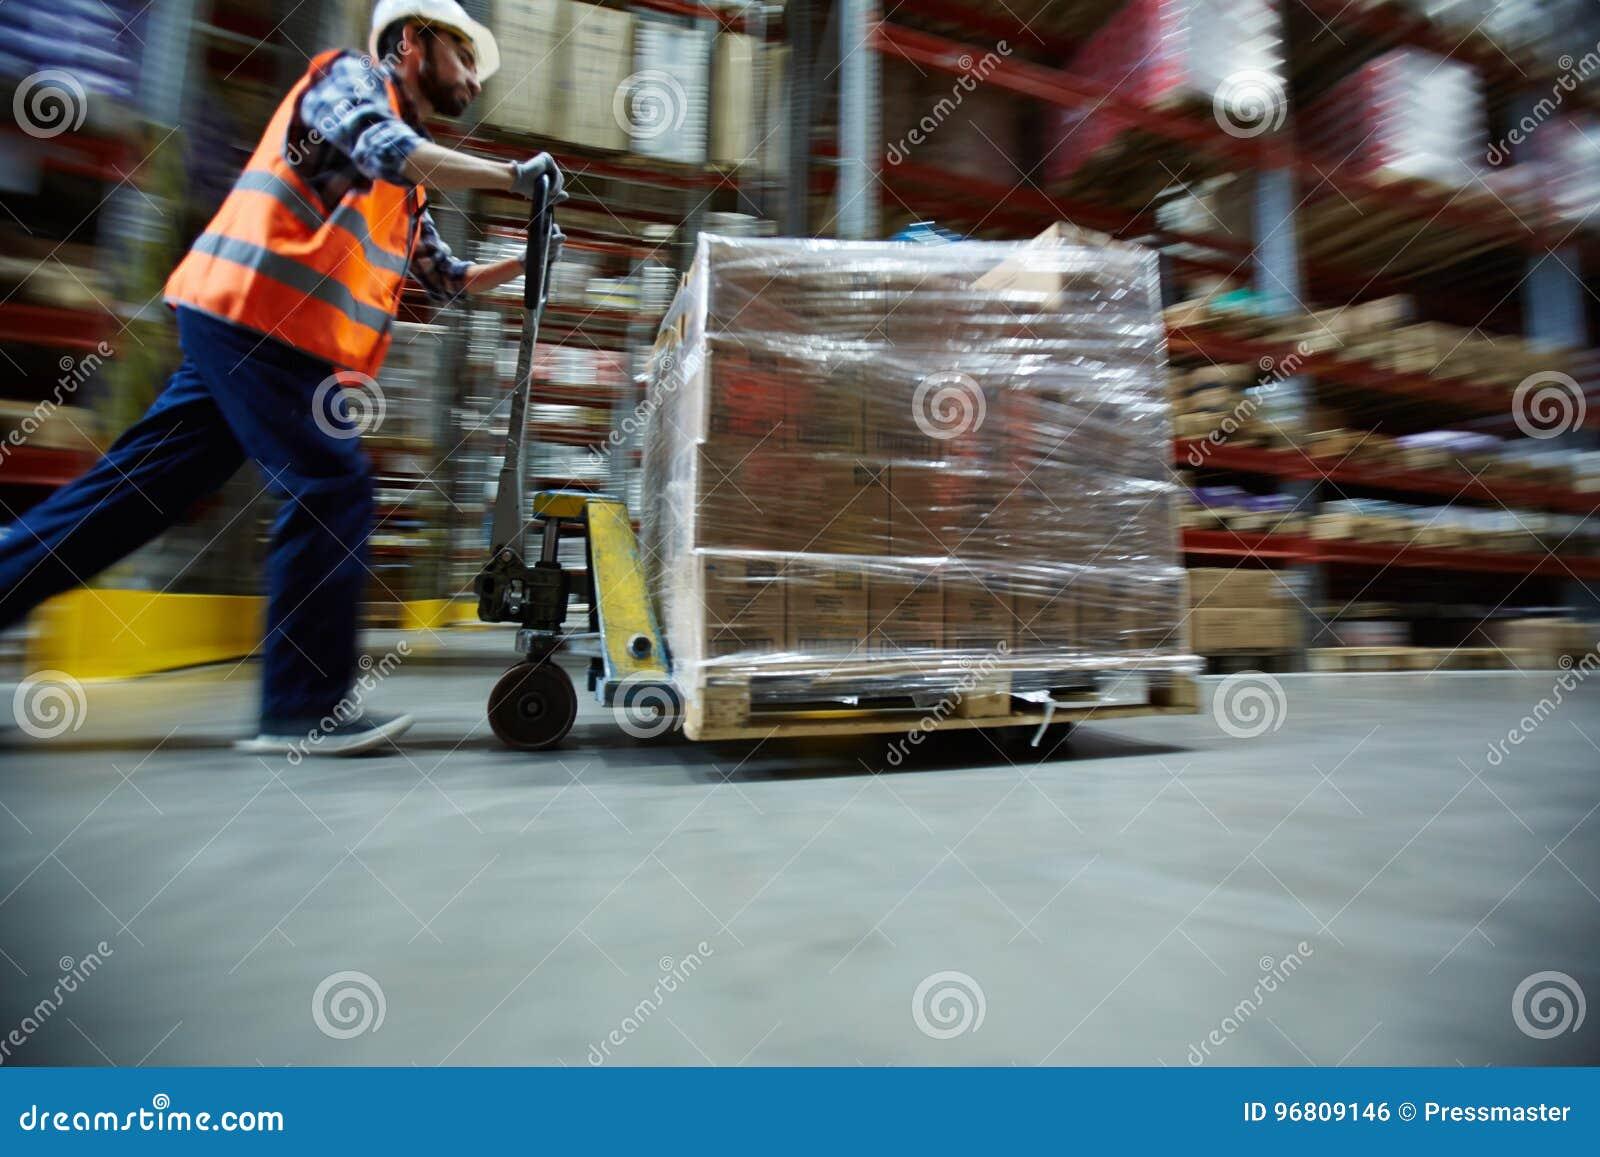 Mercanzie al minuto commoventi del lavoratore in grande magazzino